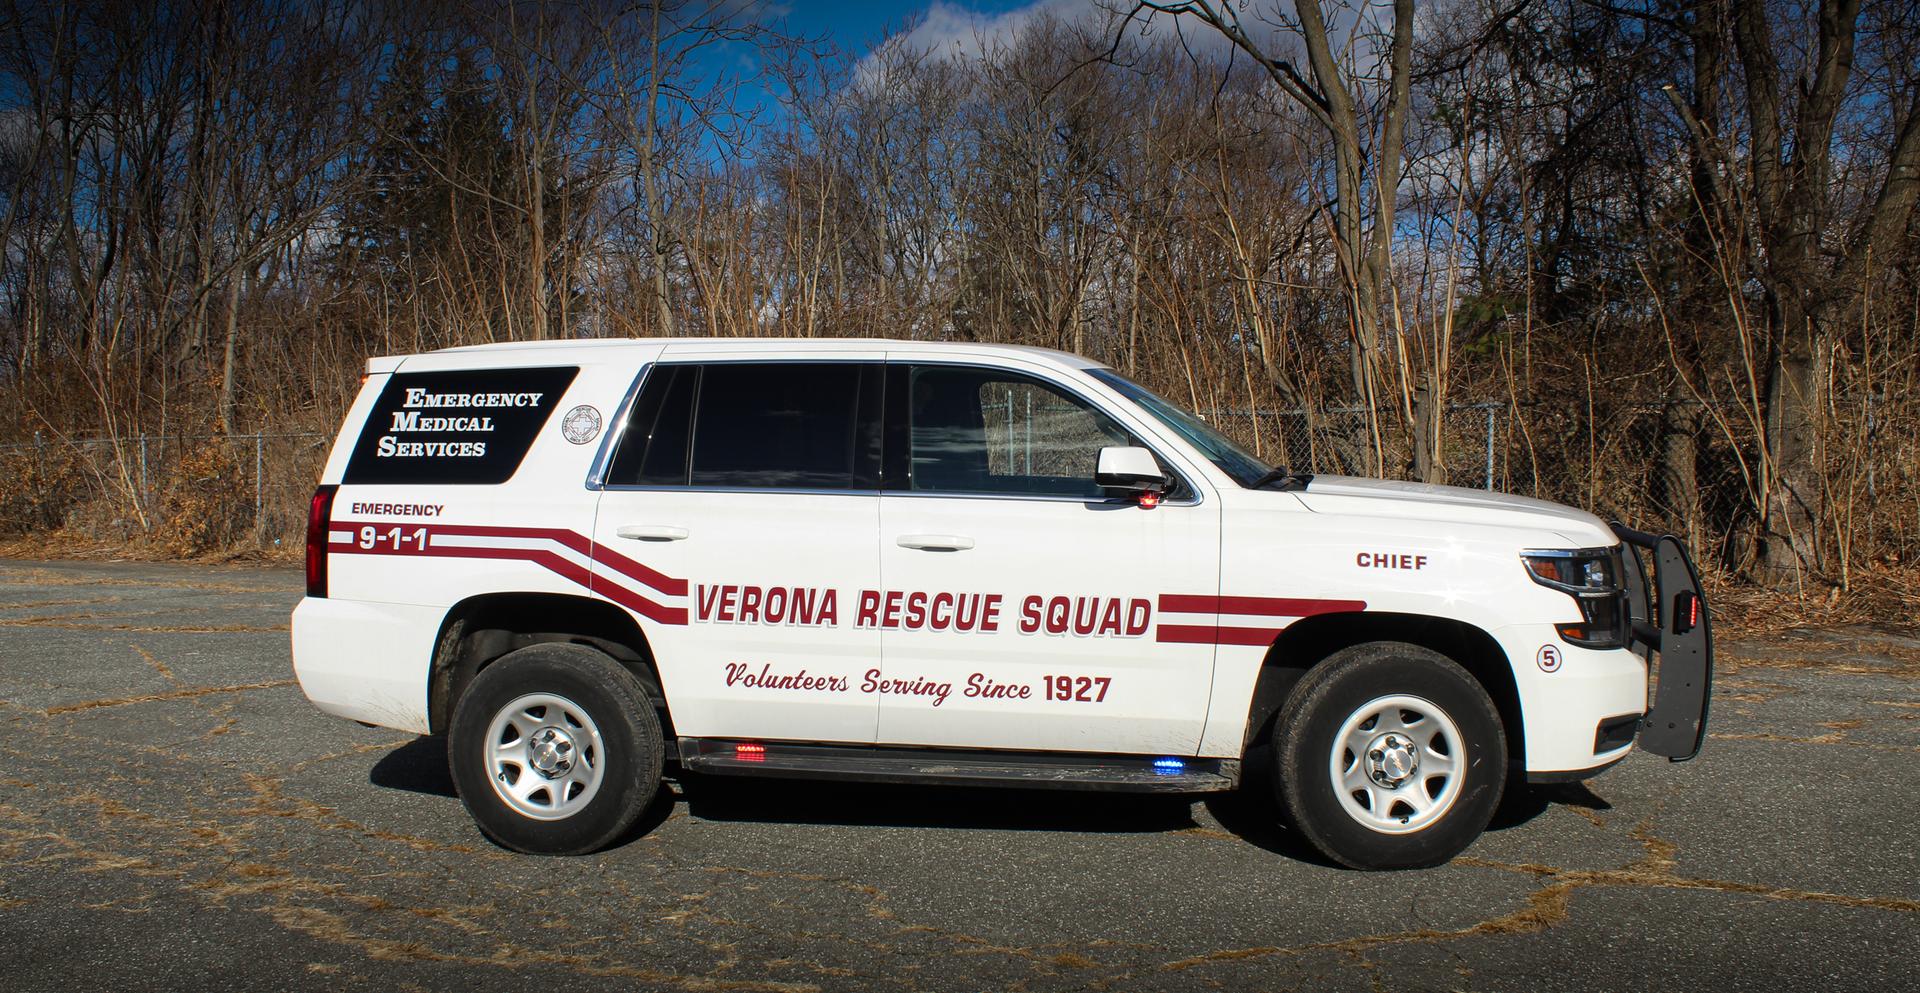 Verona Rescue Squad